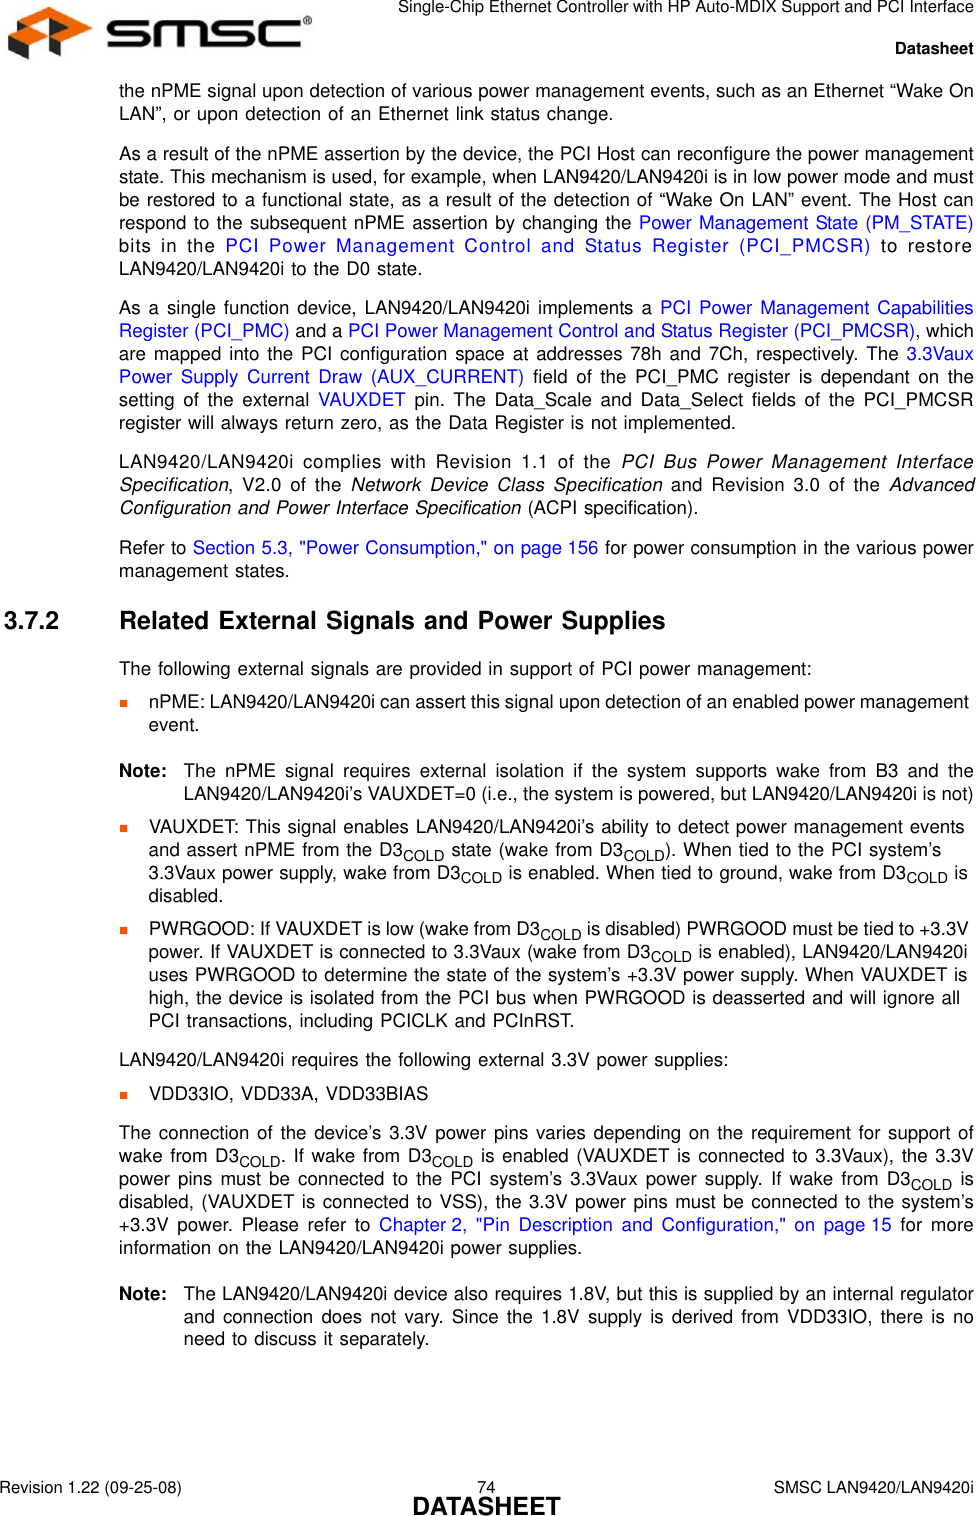 Smsc Lan9420 Users Manual LAN9420/LAN9420i Single Chip